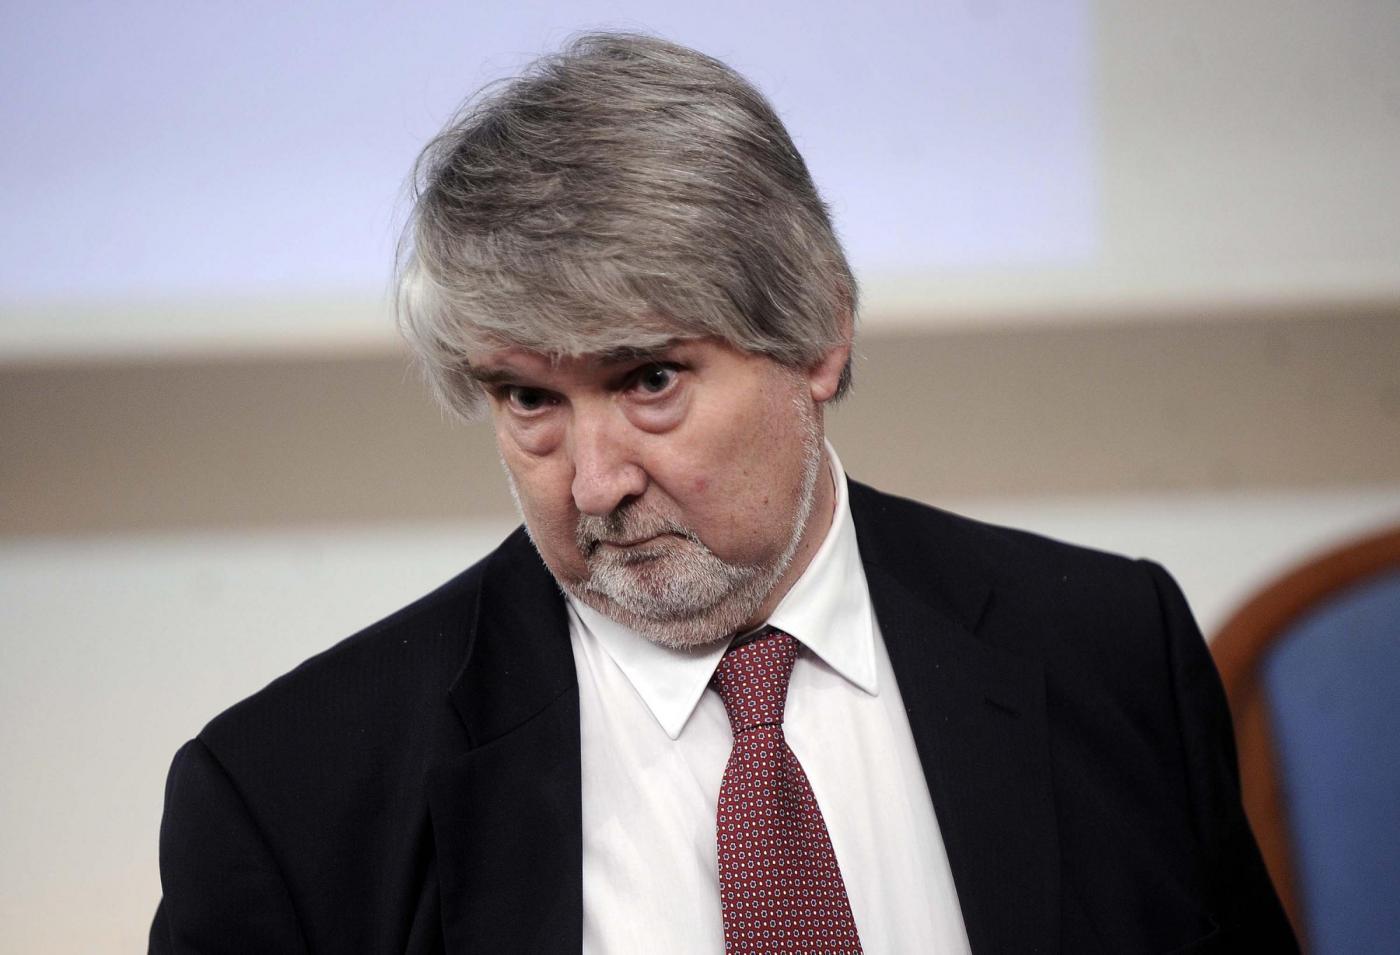 Persiste l'odio del #Governo verso i #giovani italiani